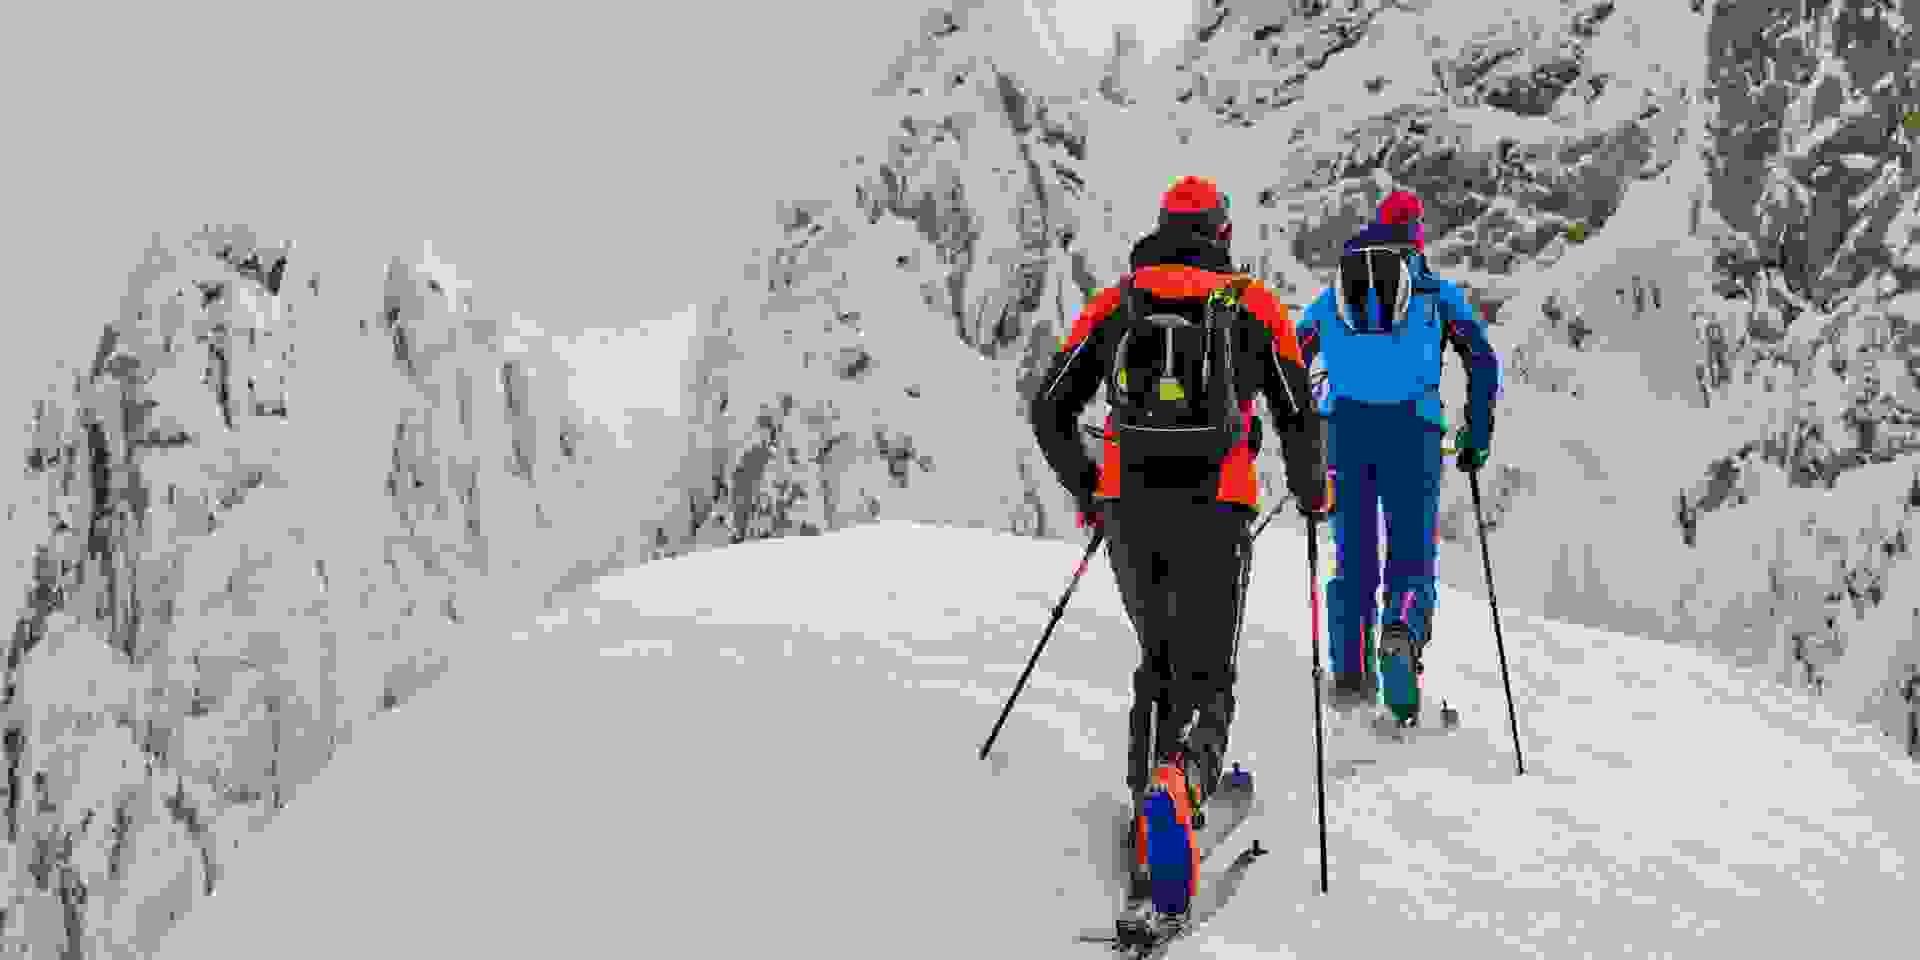 Zwei Skitourengeher auf Skihochtour gehen auf eine Felswand zu.